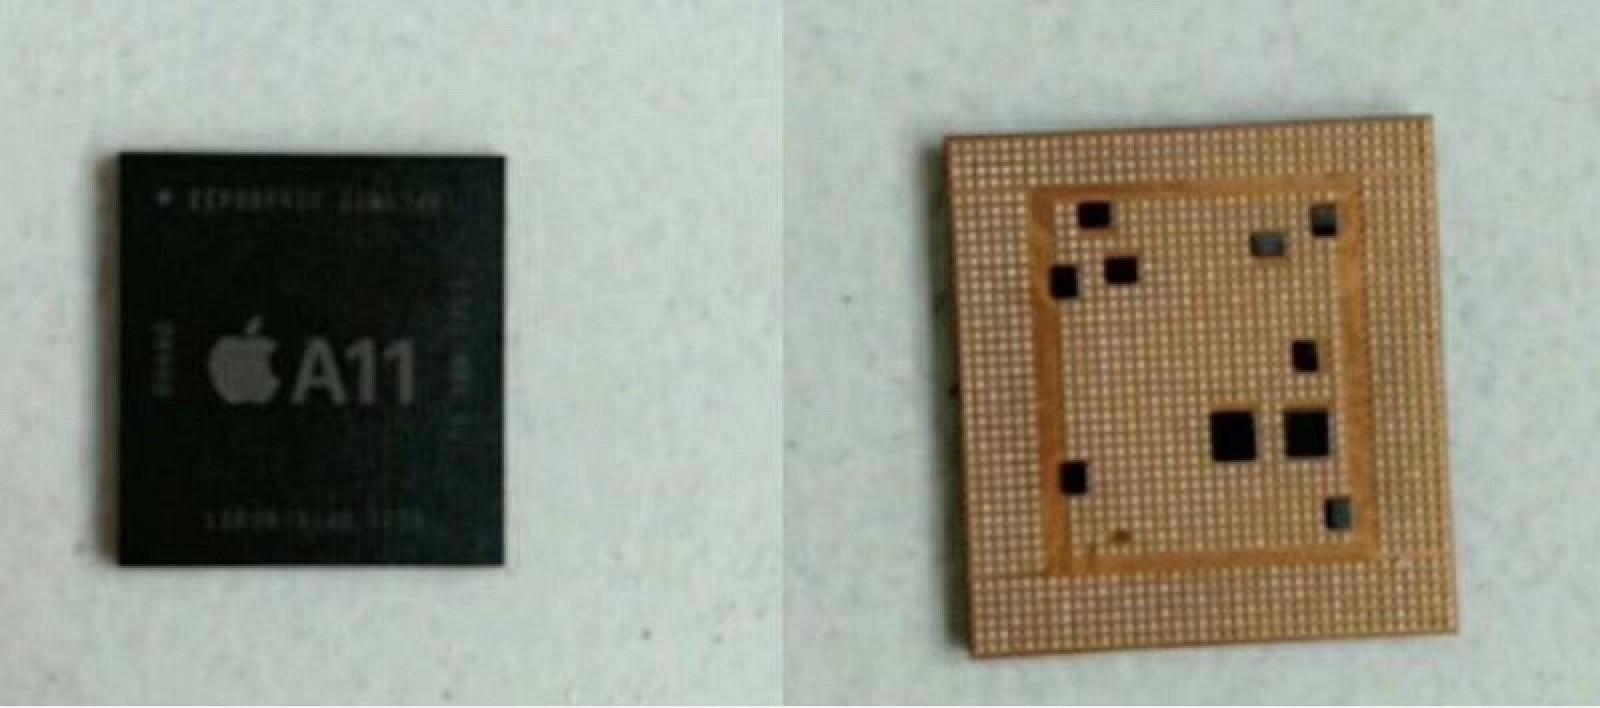 a11-chip-1-800x354